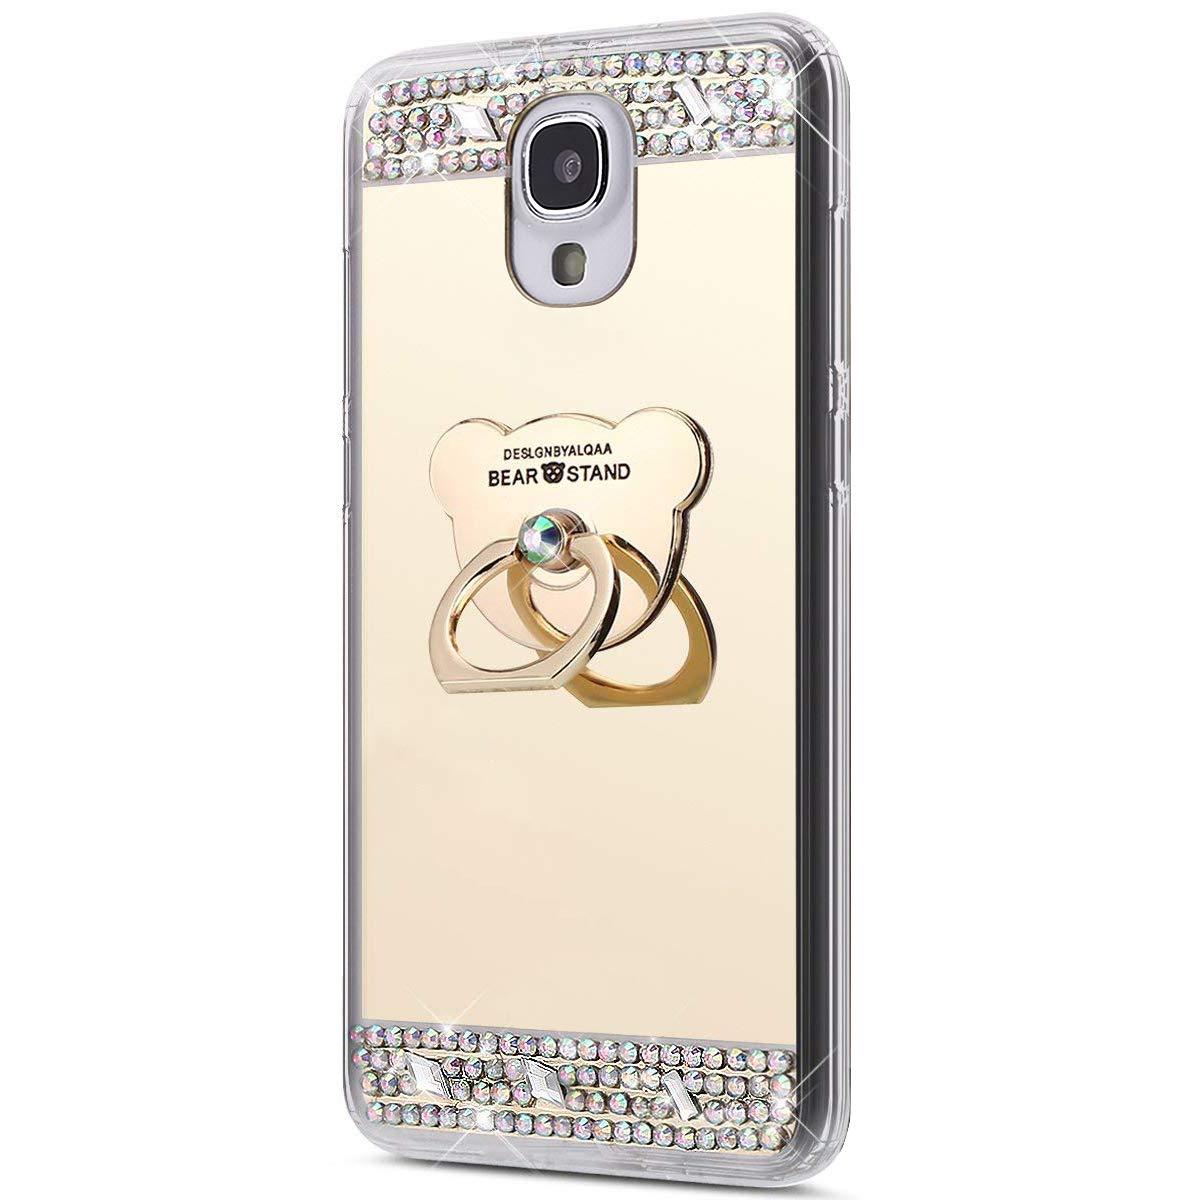 Galaxy S4 Hülle, Spiegel Hülle für Samsung Galaxy S4, Surakey Luxus Glitzer Strass Ring Stand Holder Bär Muster Schutzhülle für Samsung Galaxy S4 Weich Silikon Handyhülle Spiegel Hülle Mirror Effect, Neu Mode Cool Luxus Bling Glitzer Kristall Strass Diaman